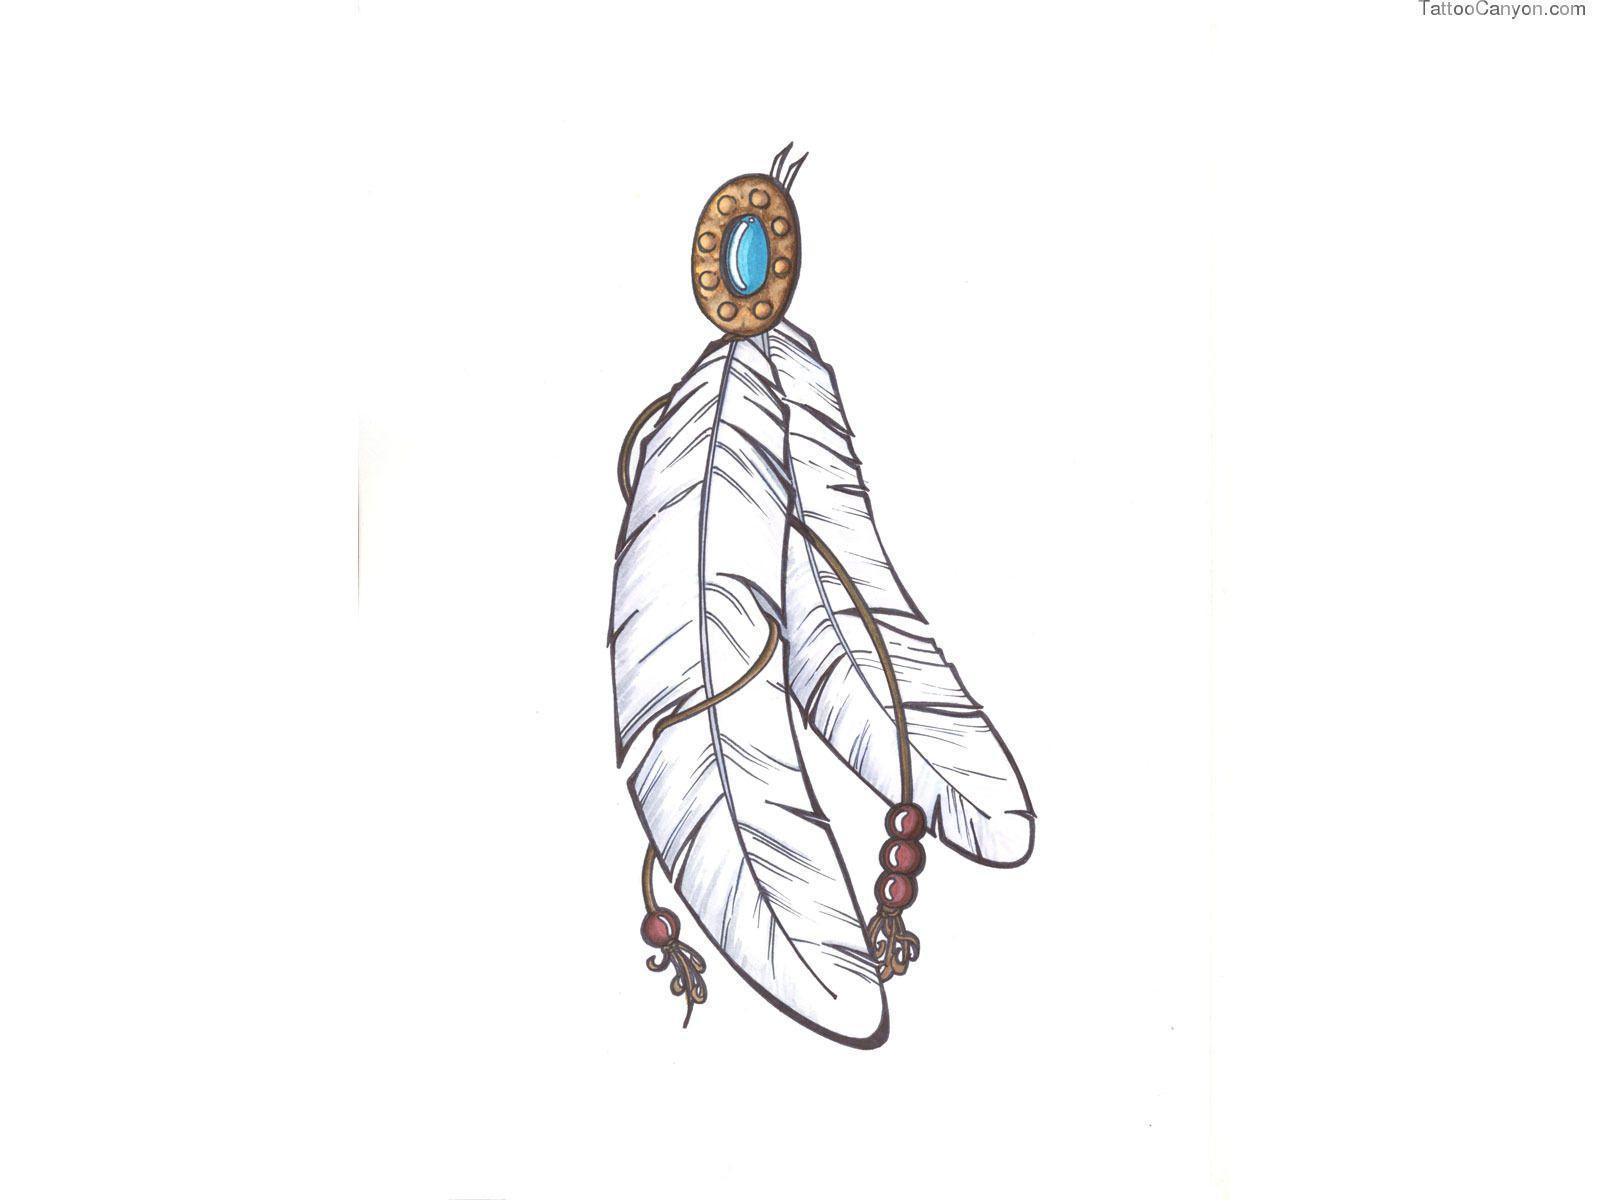 1600x1200 Cherokee Indian Wallpapers